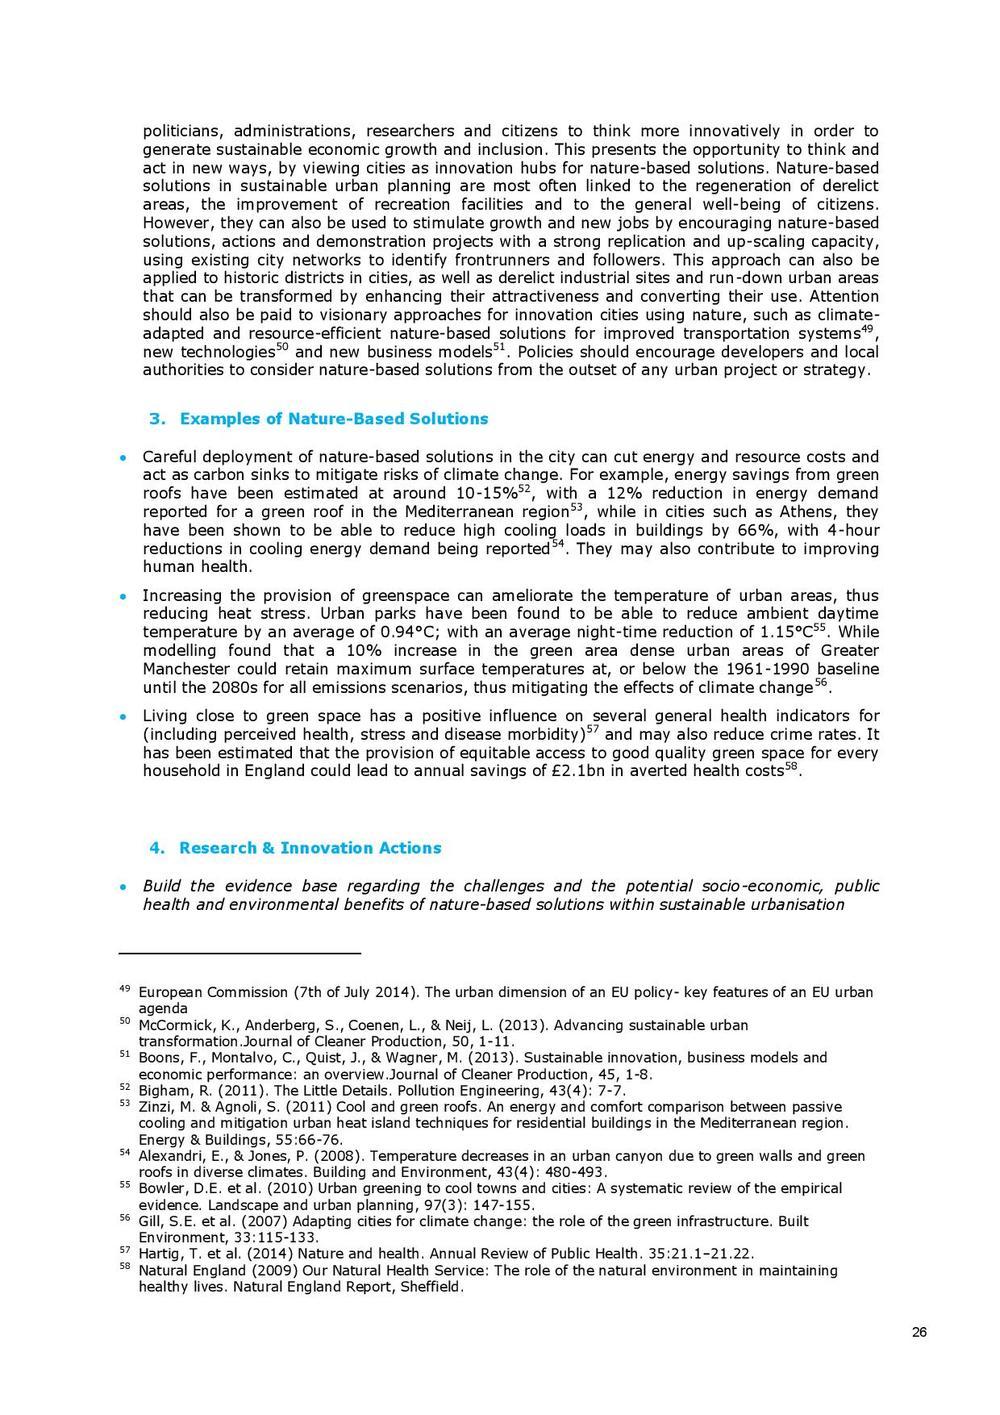 DG RTD_WEB-Publication A4_NBS_long_version_20150310-page-028.jpg